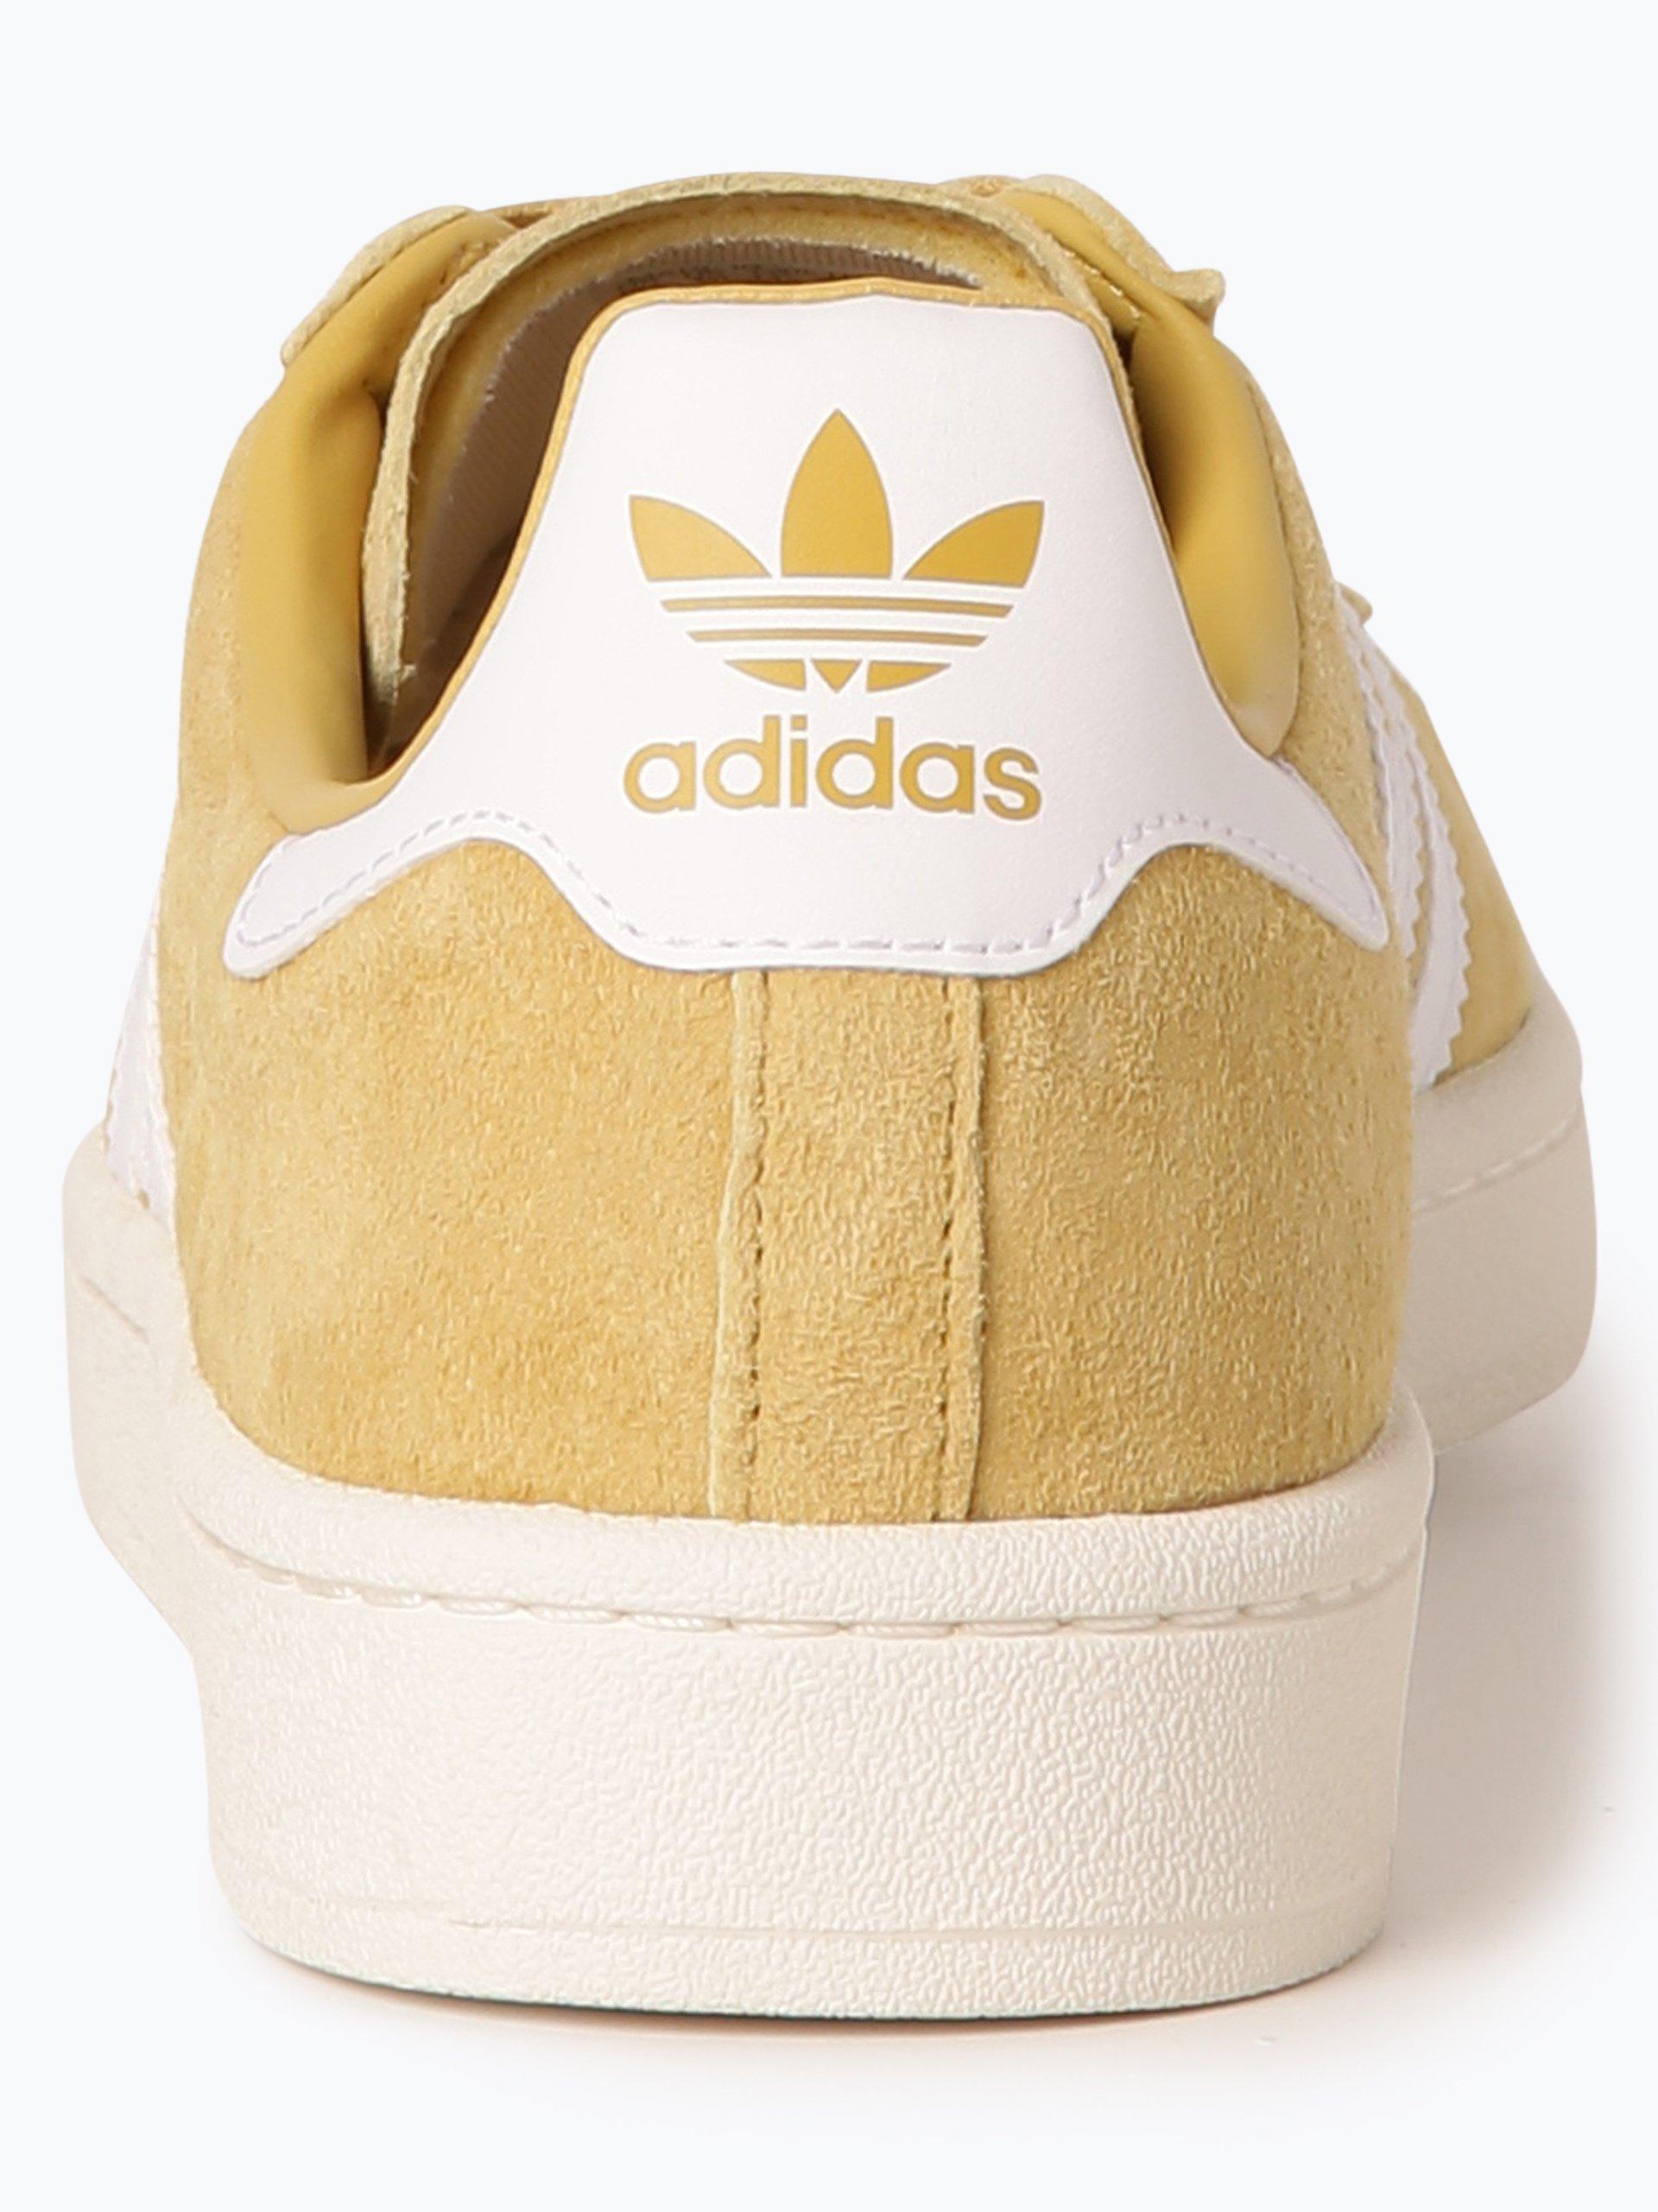 adidas Originals Herren Sneaker mit Leder-Anteil - Campus